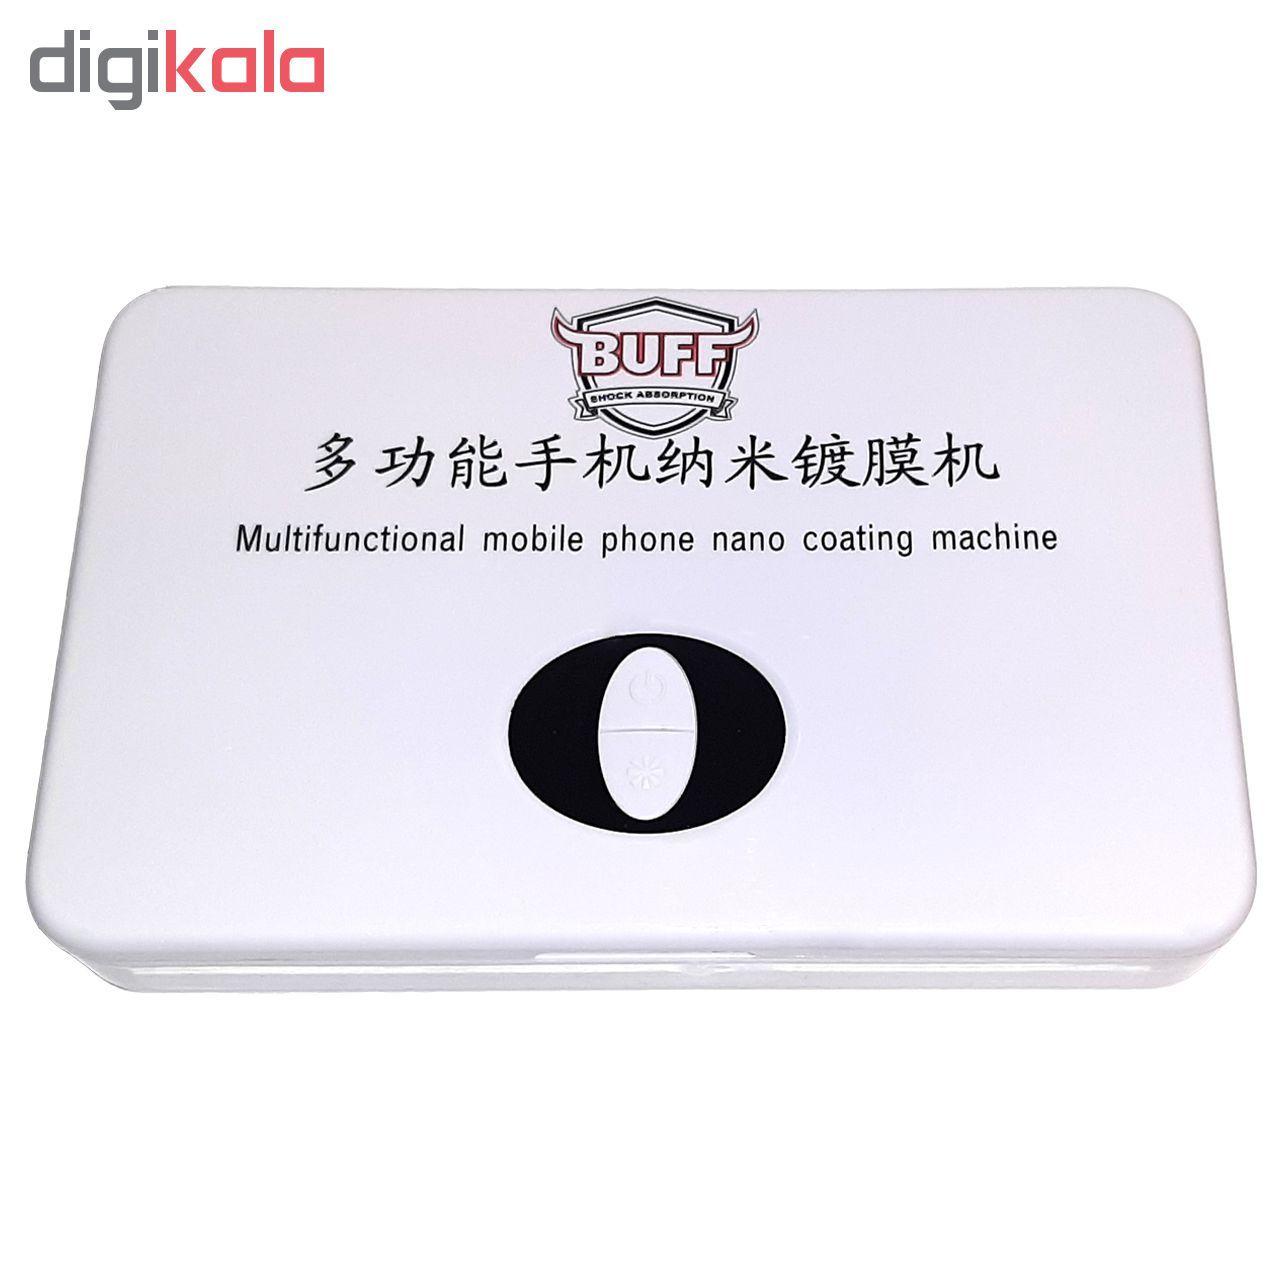 دستگاه نانو سرامیک صفحه نمایش گوشی بوف مدل bnc2020 main 1 1